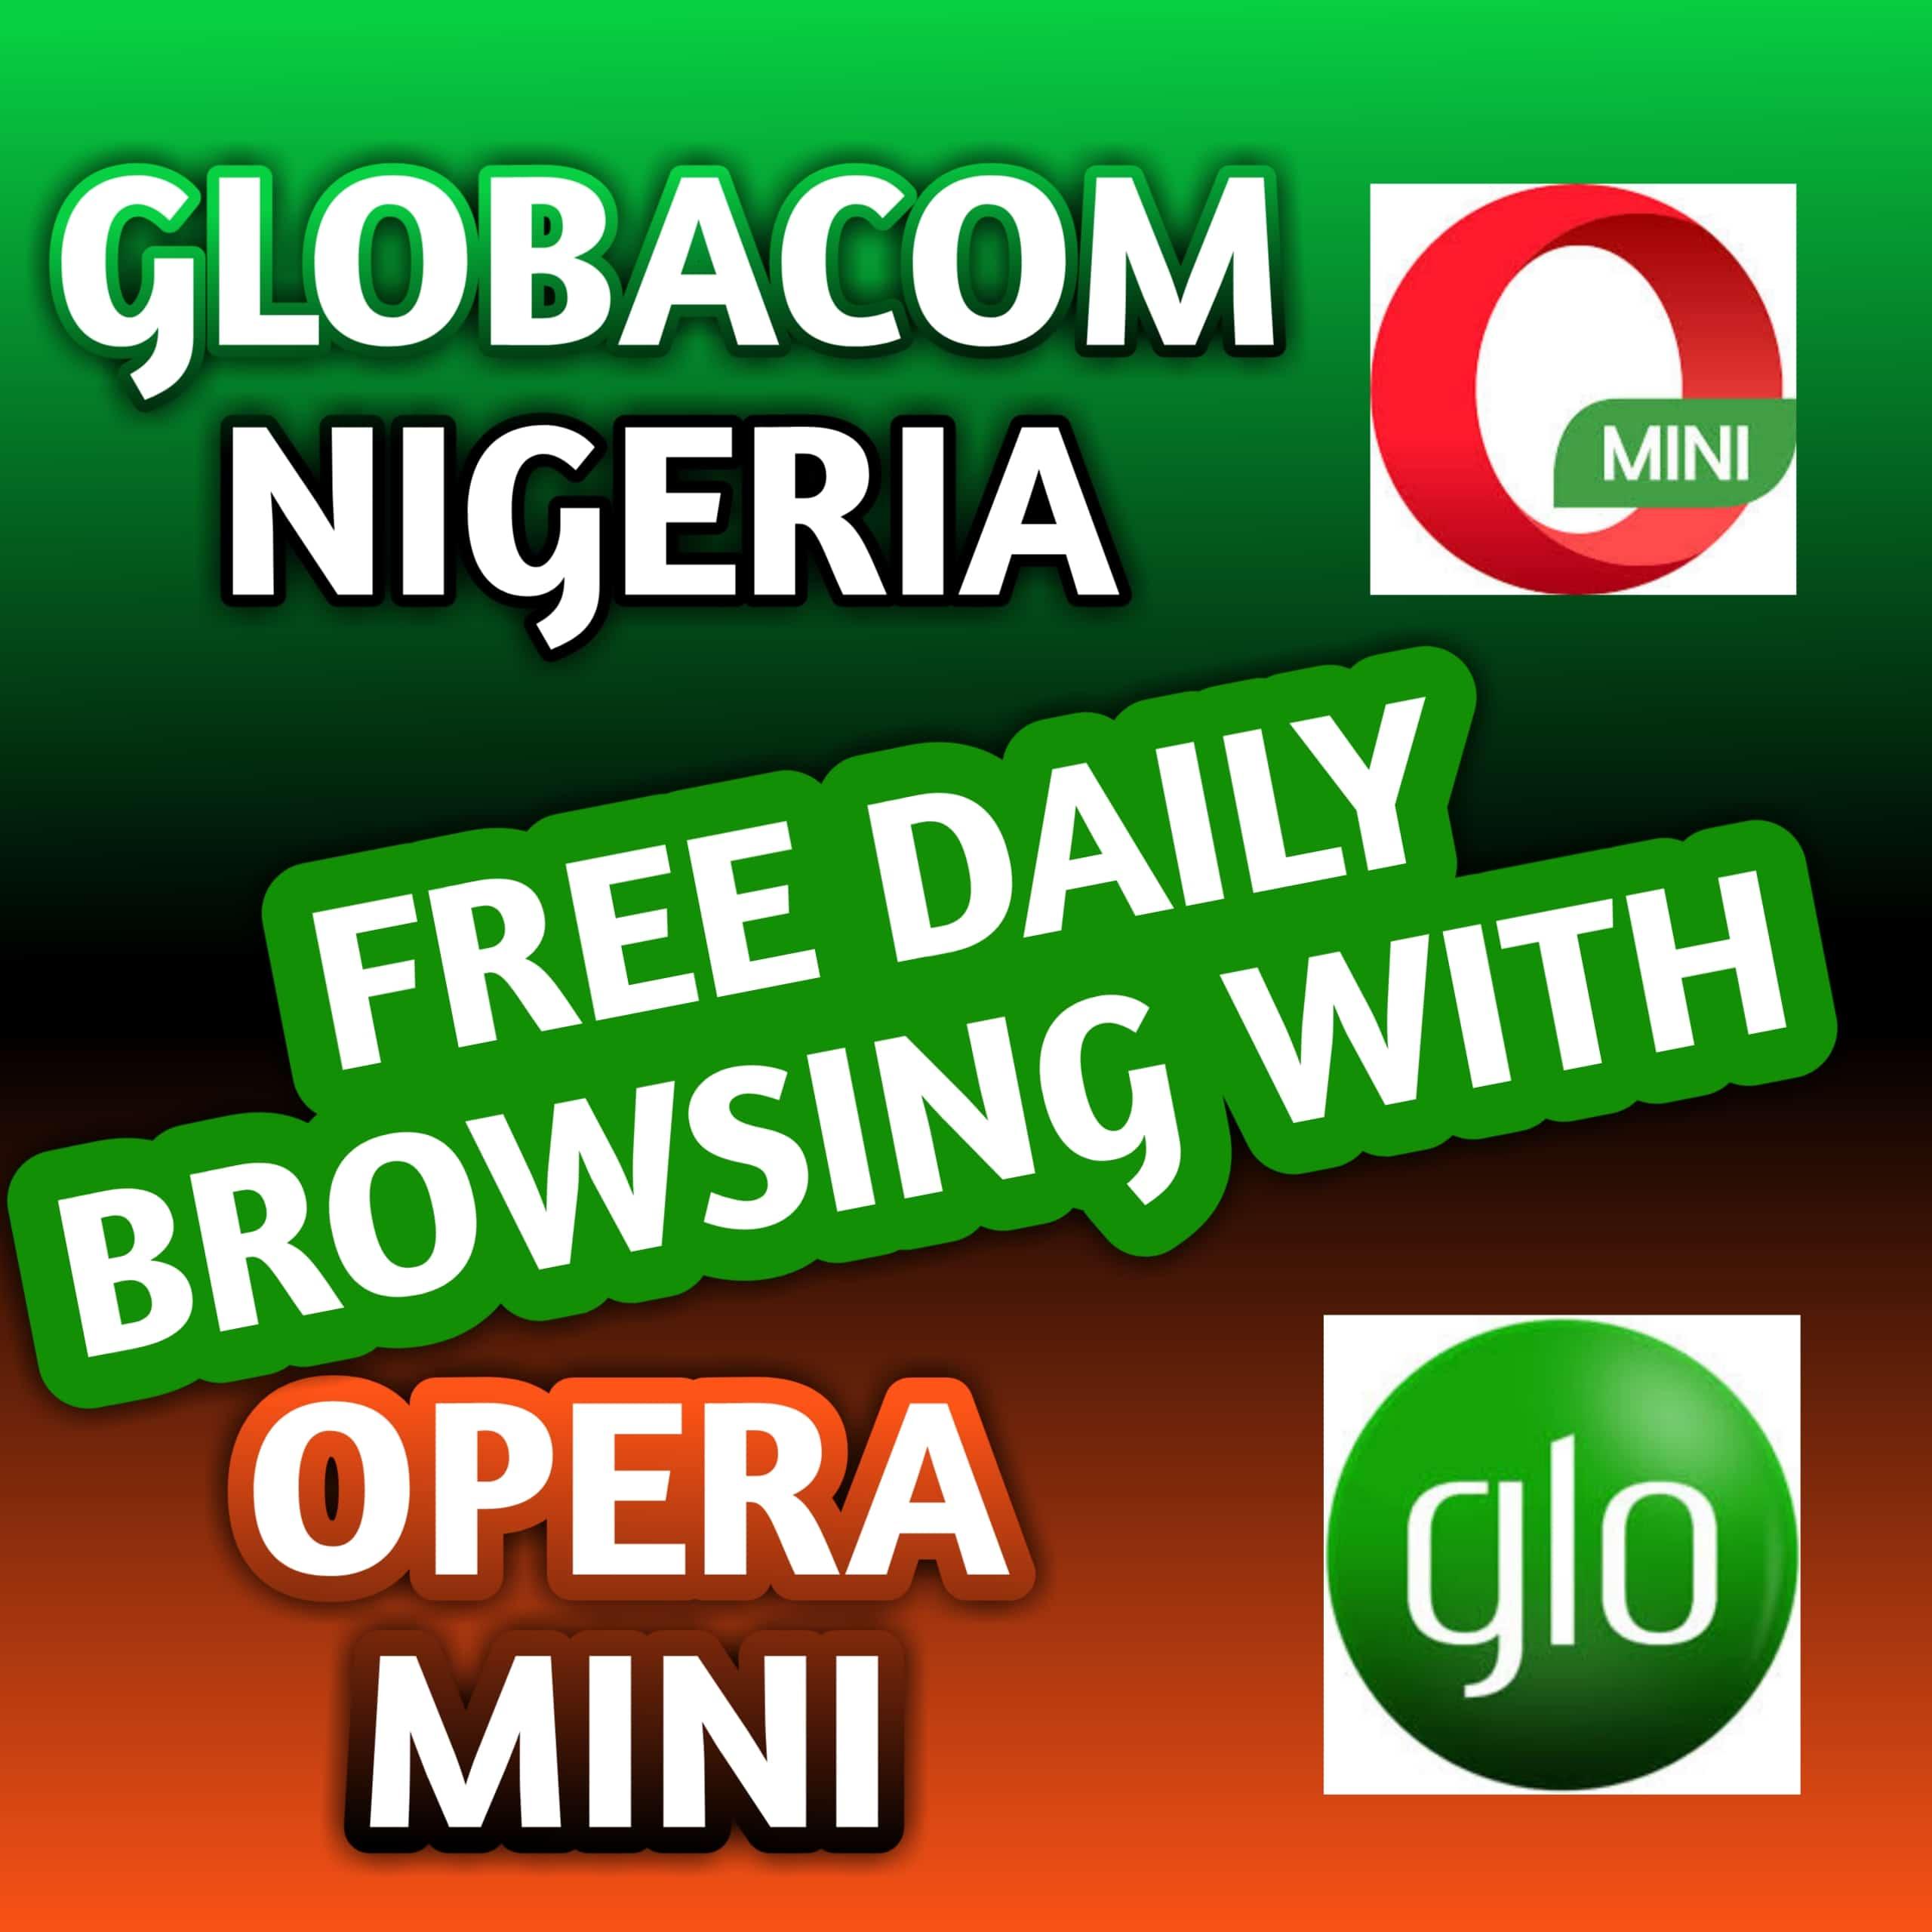 Glo opera free browsing